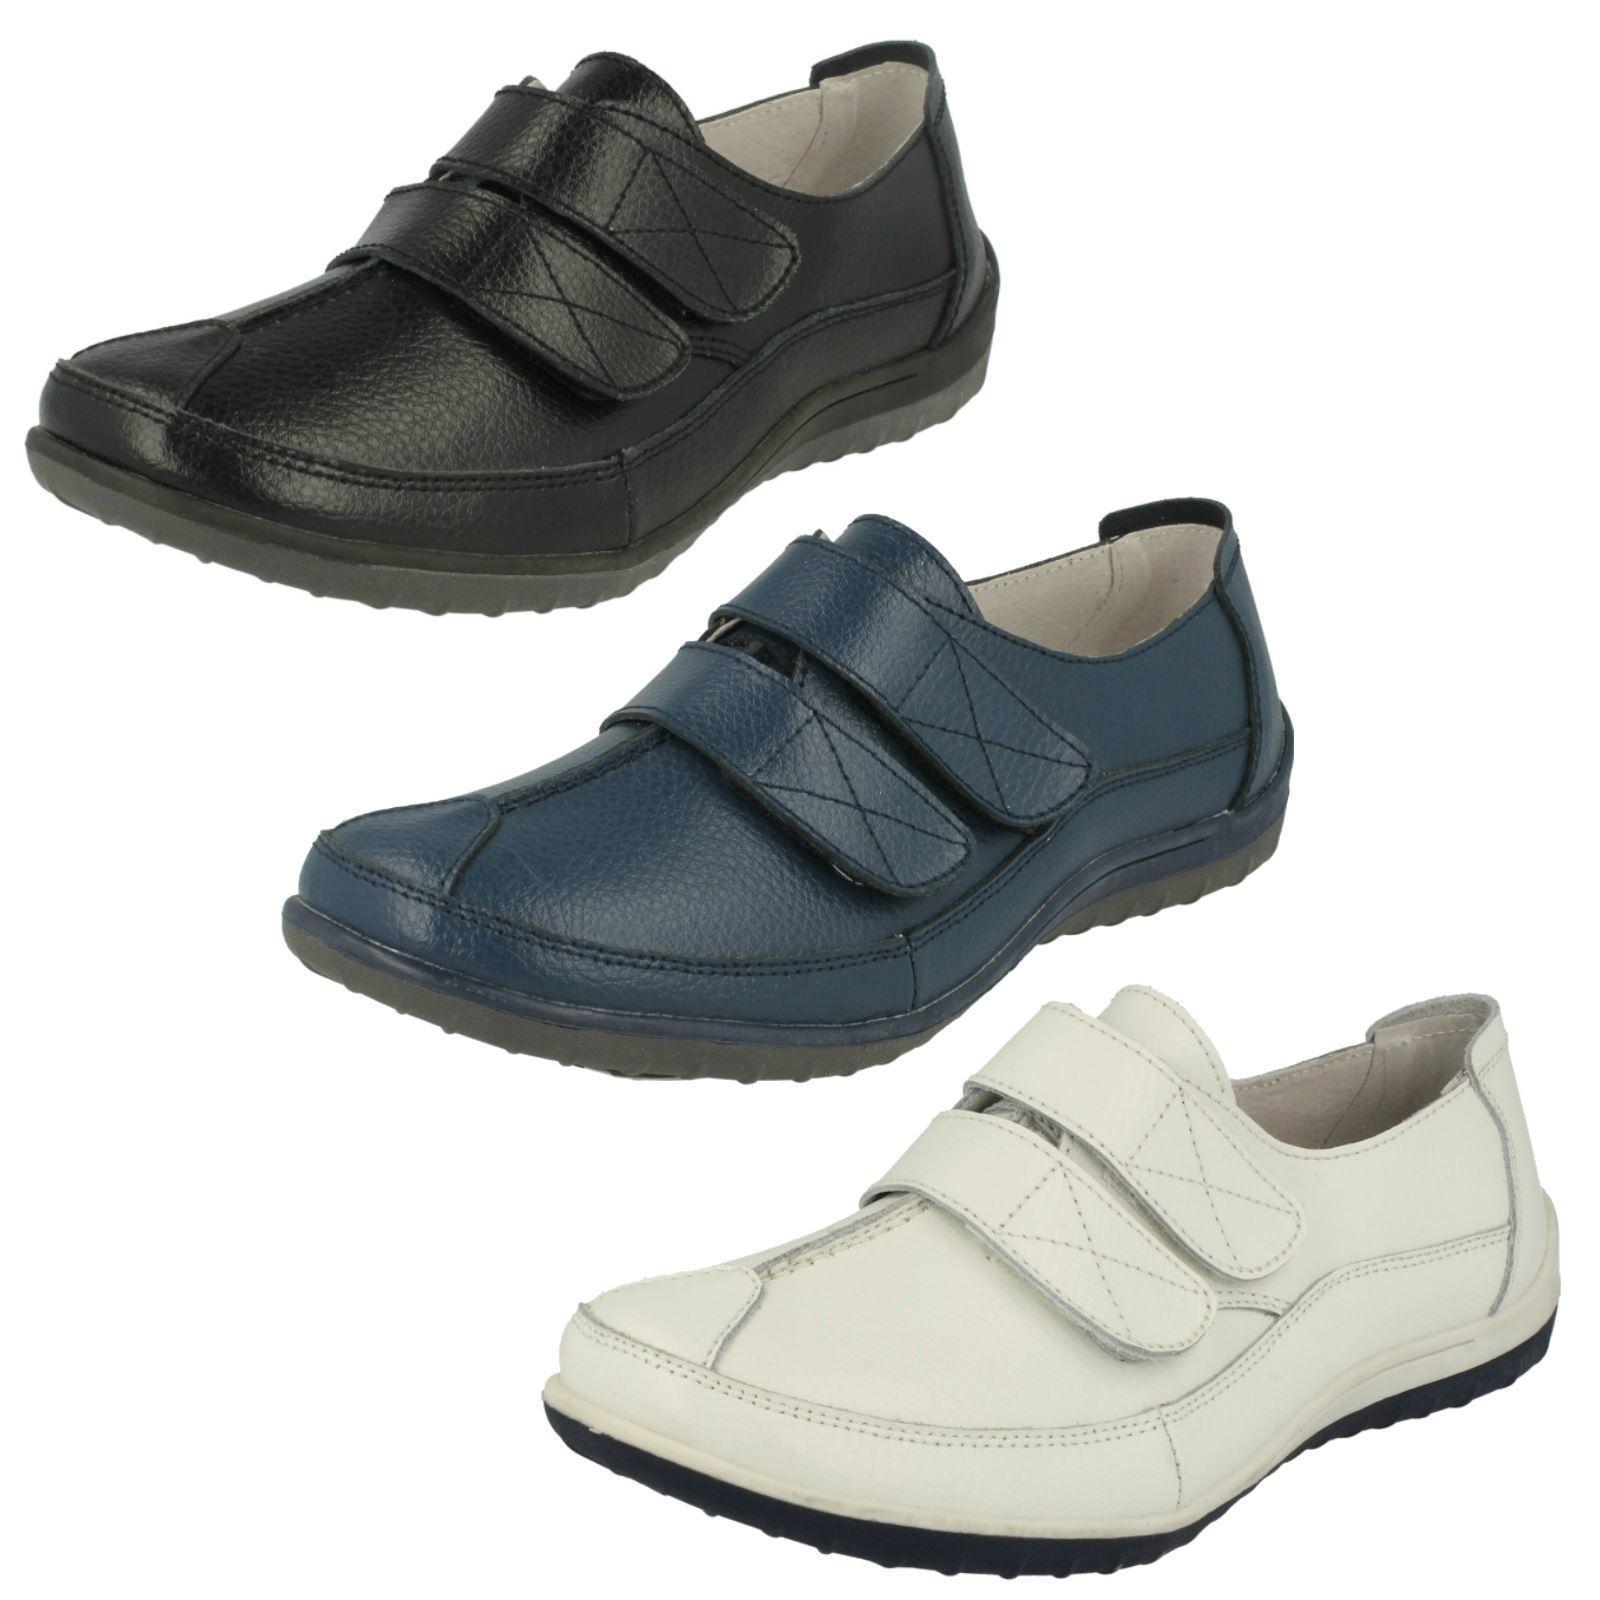 Mujer gancho F3097 gancho Mujer y lazo  Zapatos  De Cuero Por abajo Earth fa3a36